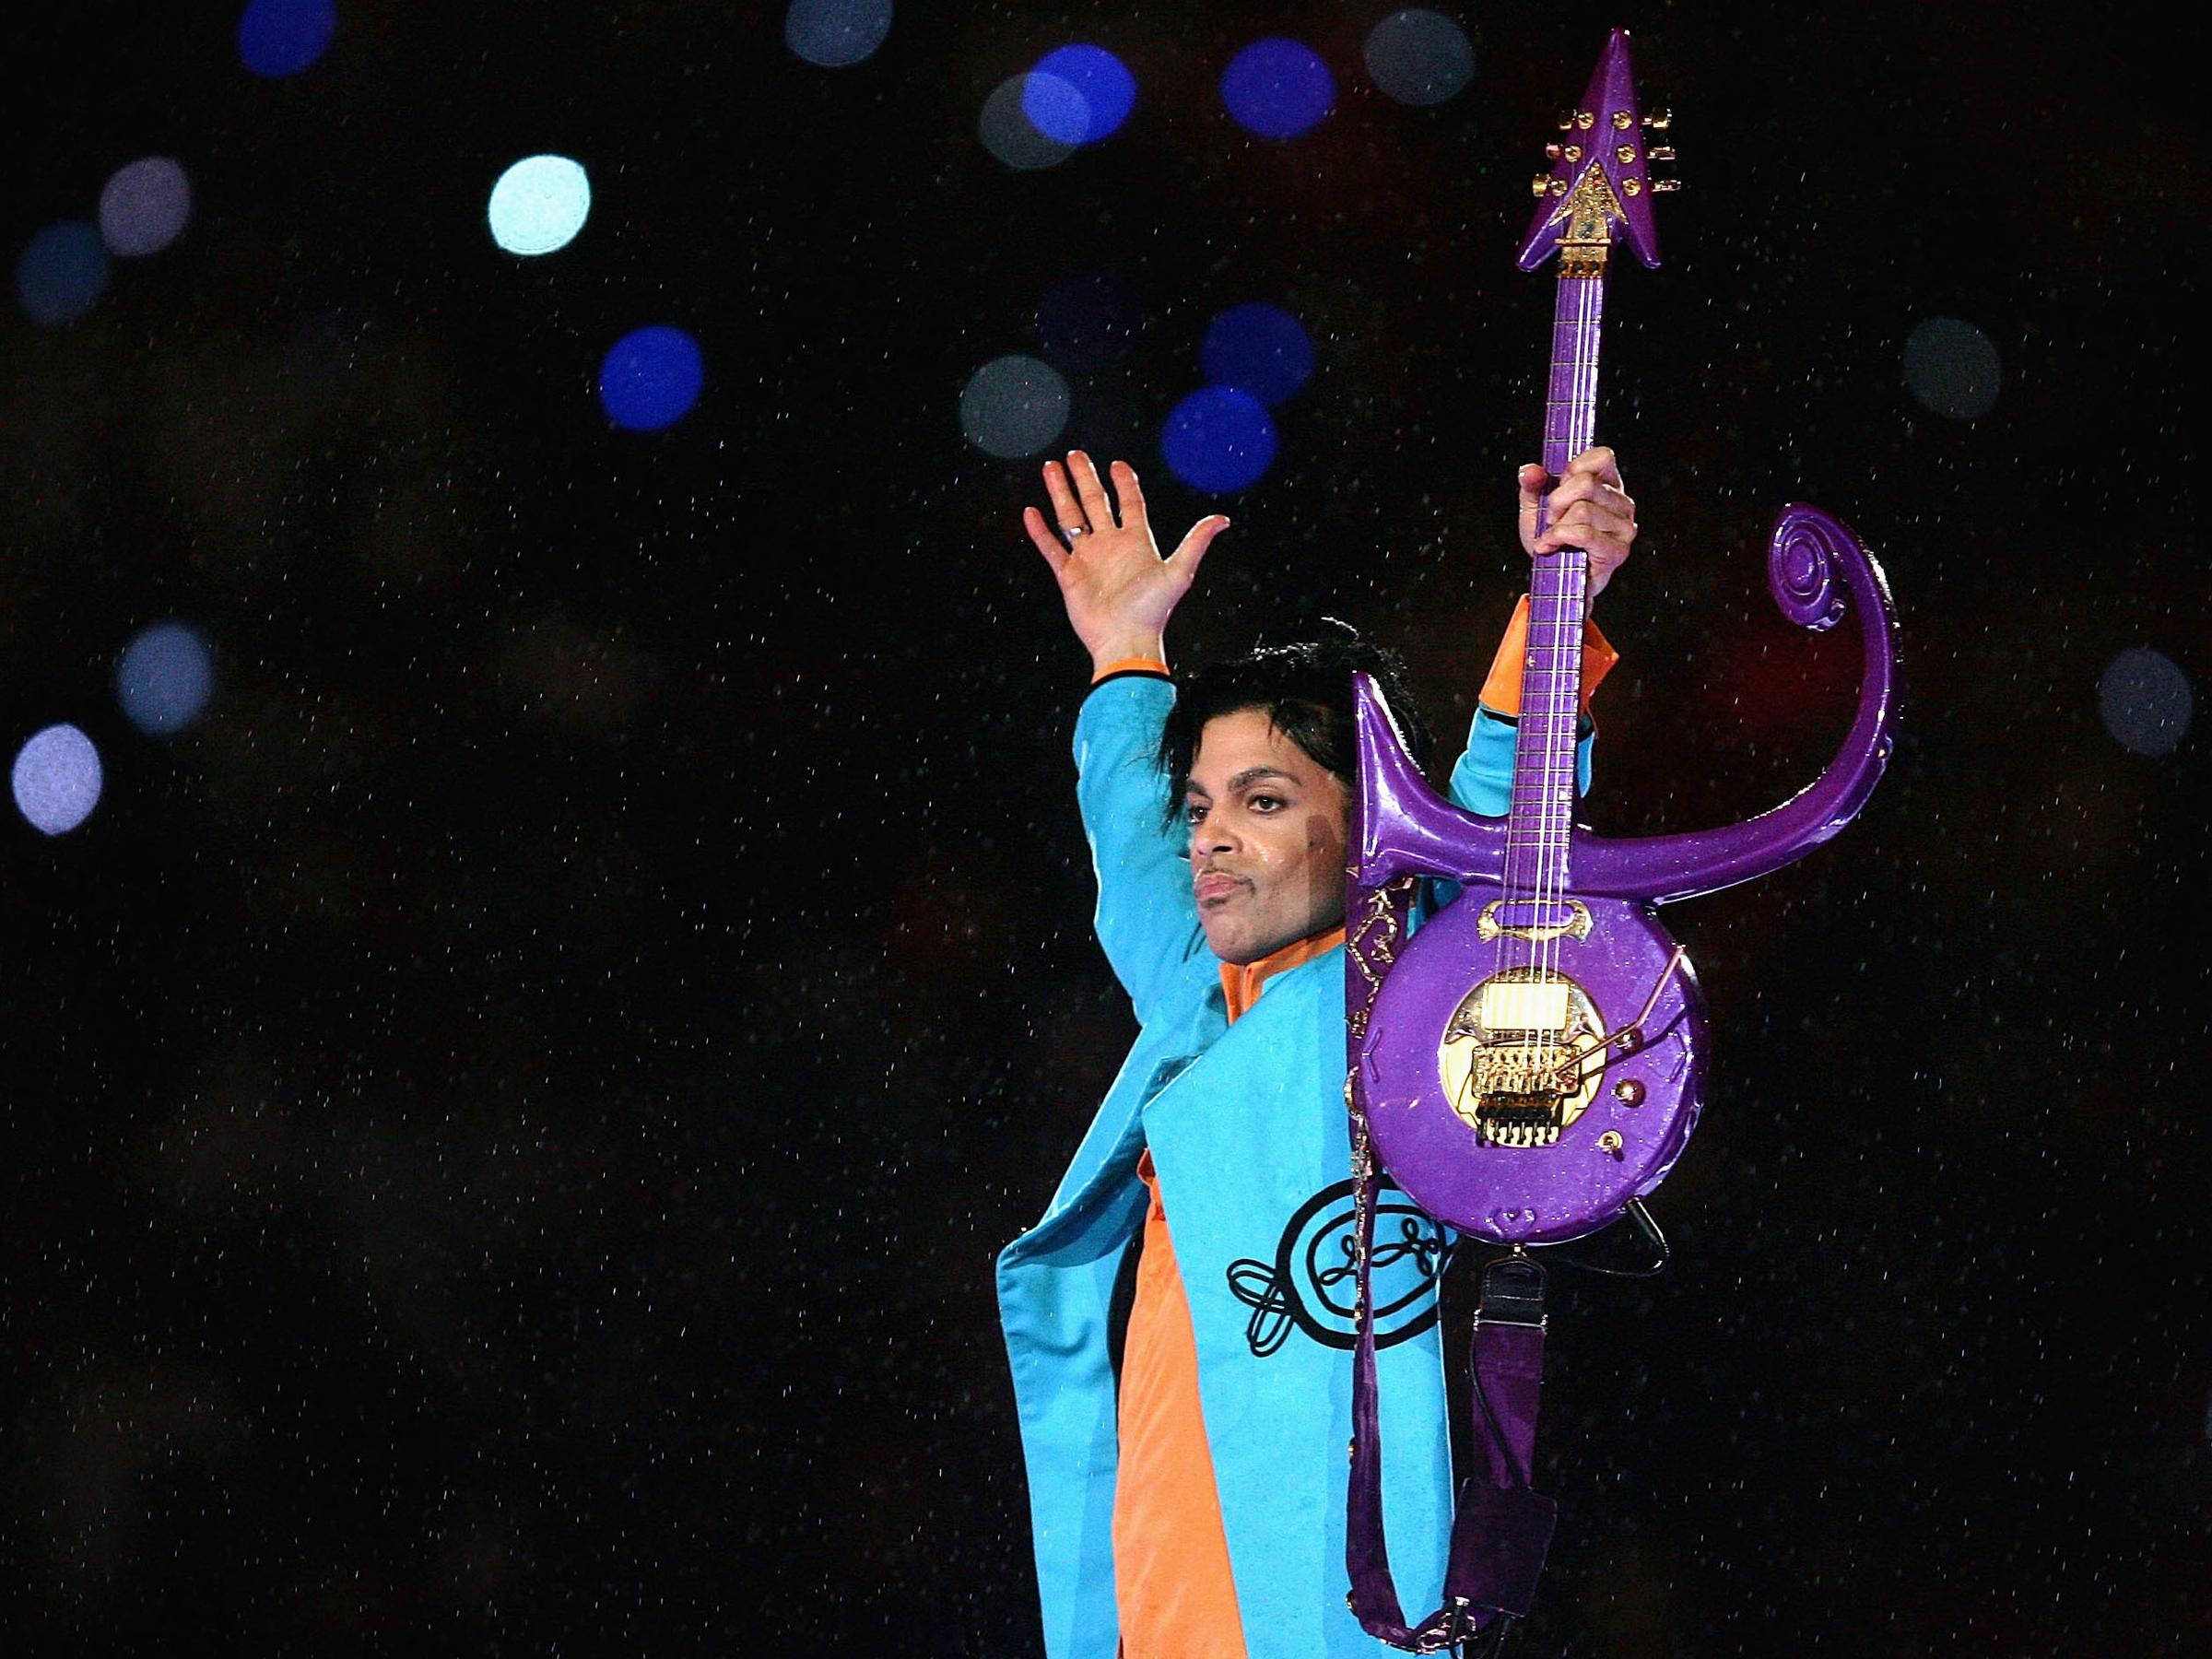 prince.jpg (5.38 Kb)